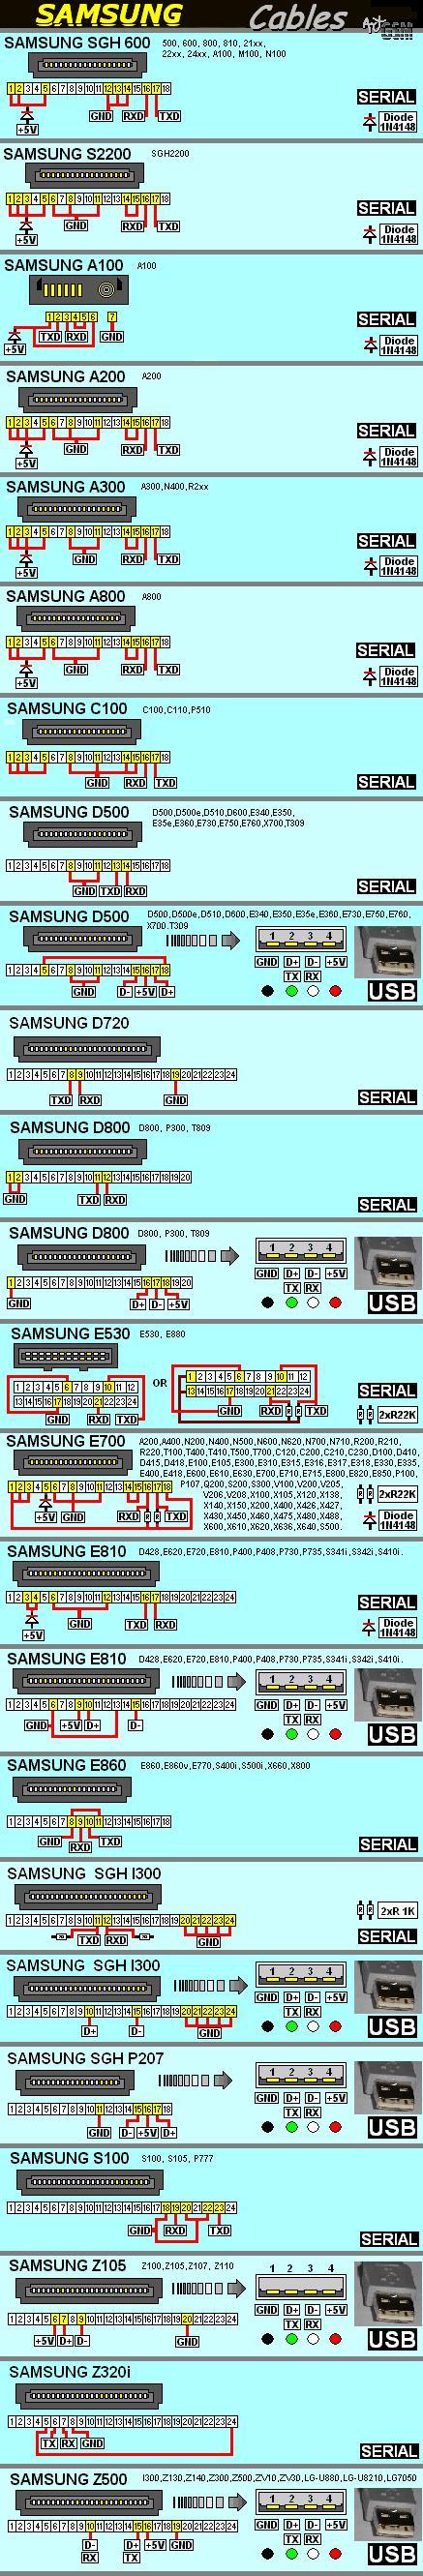 Samsung Connector Diagram - Schematic Diagrams